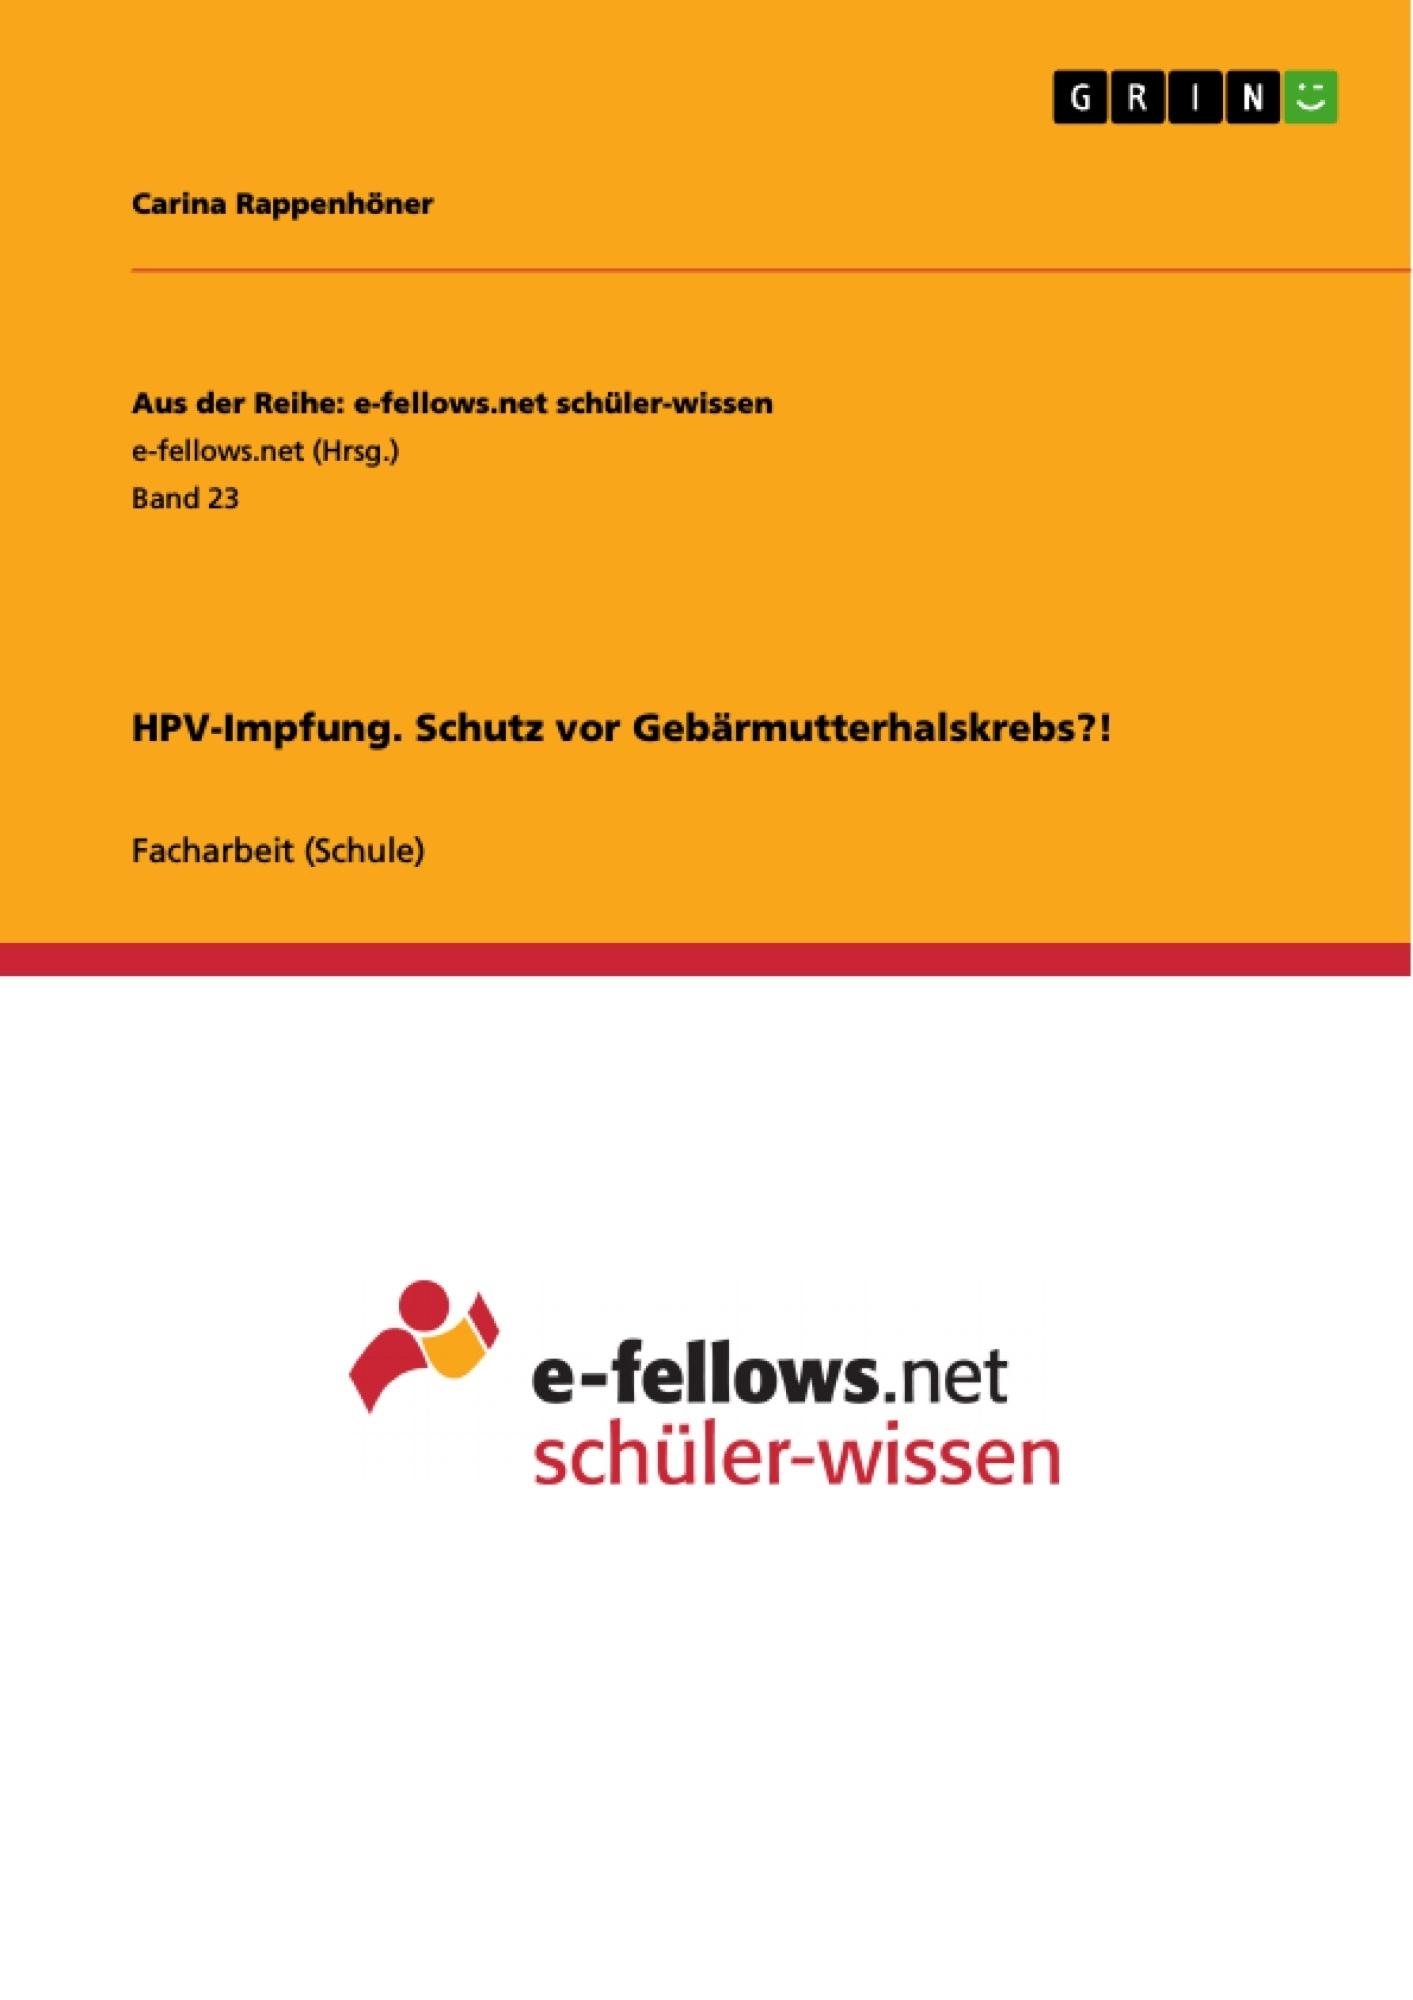 Titel: HPV-Impfung. Schutz vor Gebärmutterhalskrebs?!